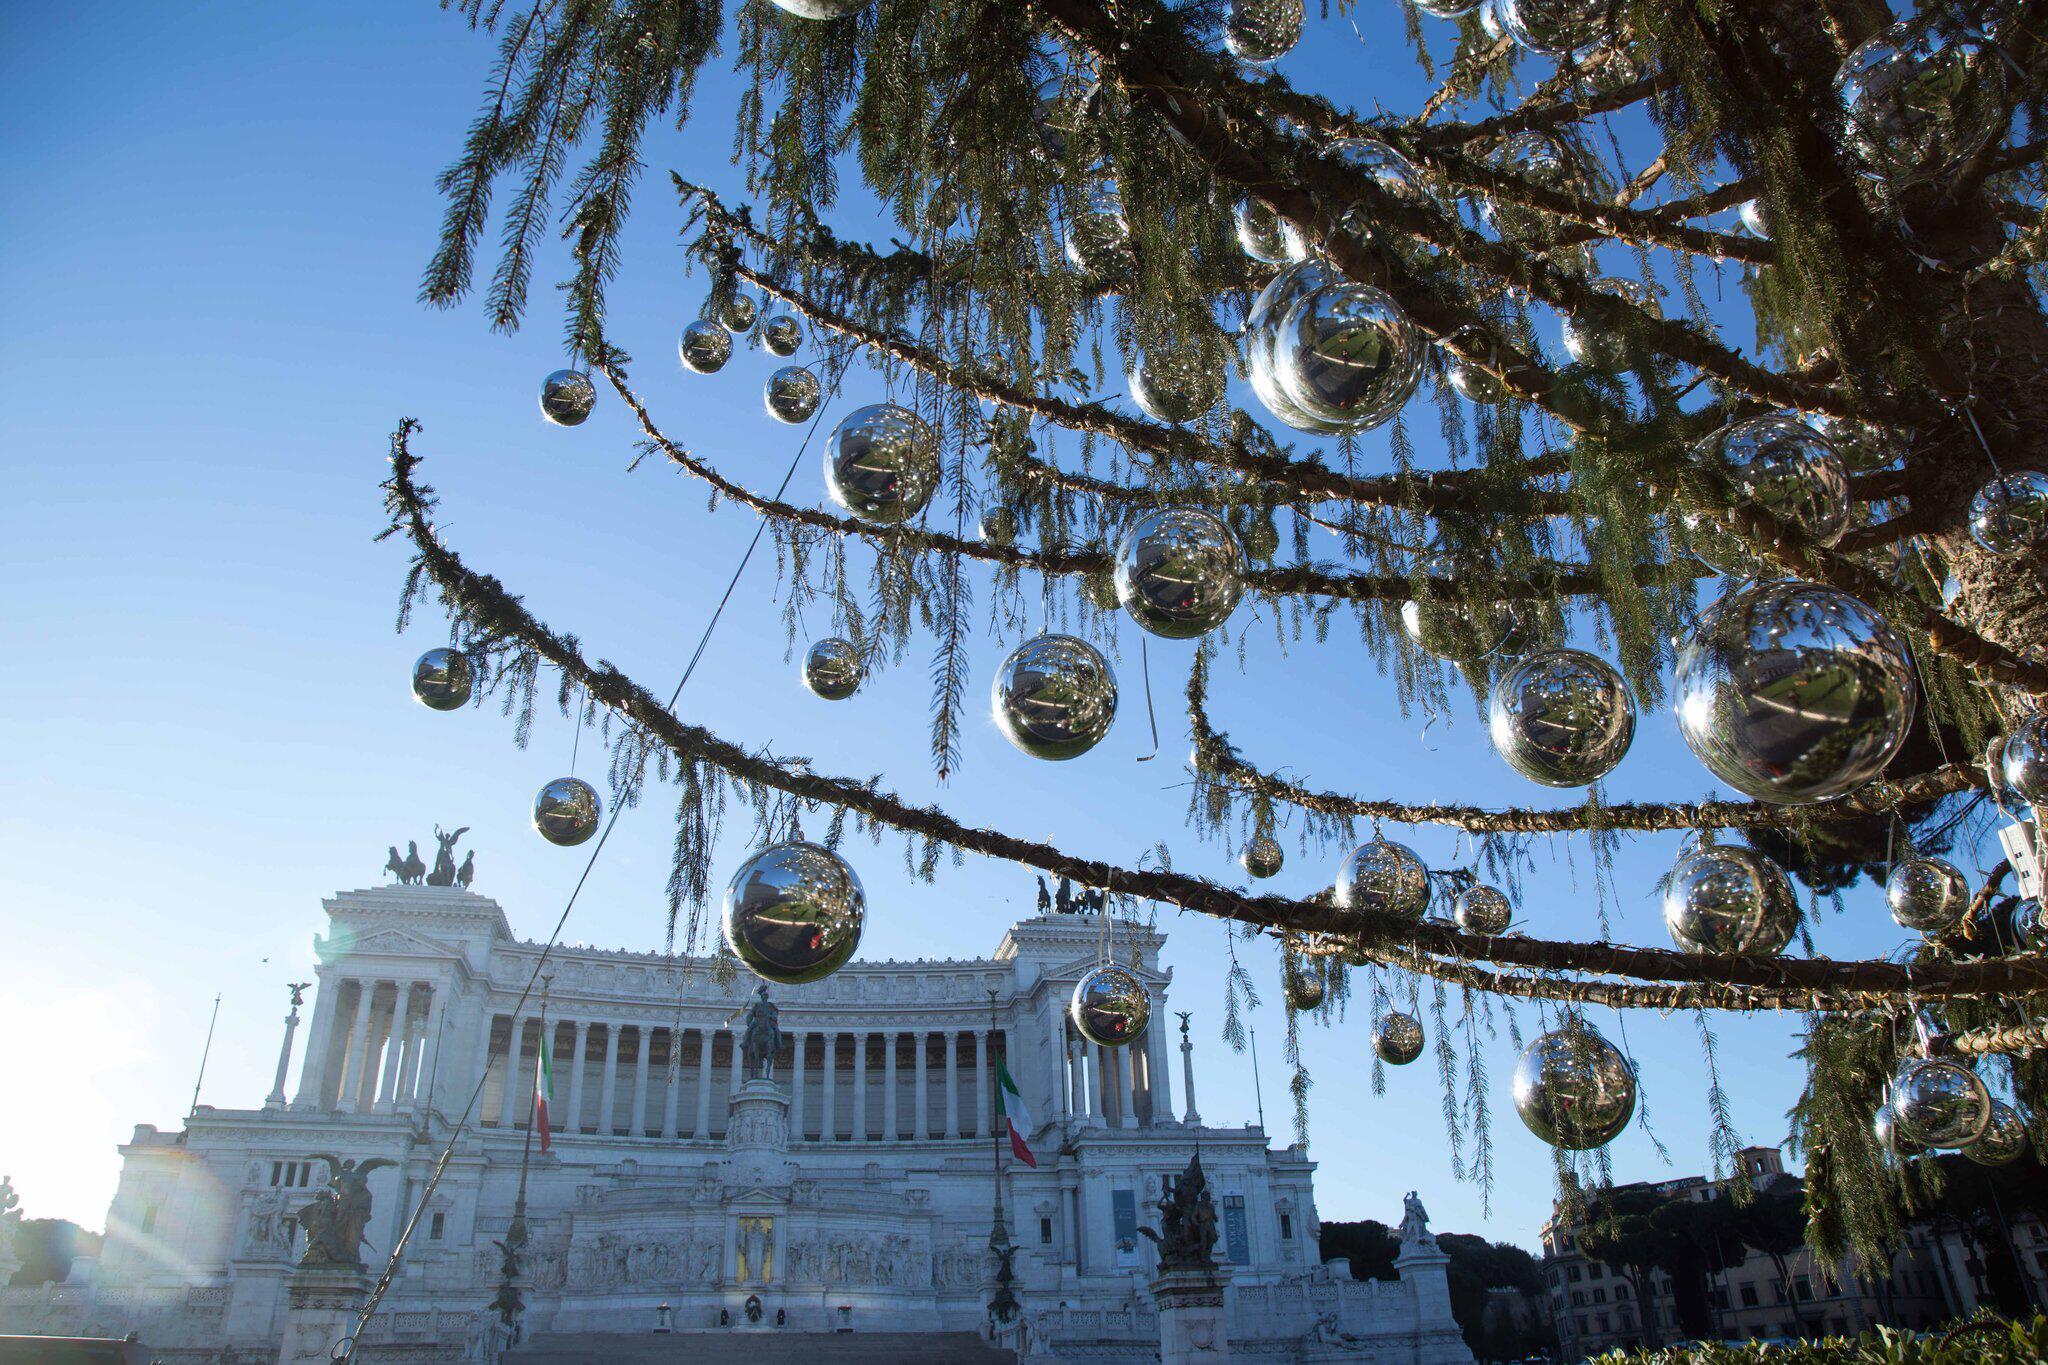 Bild zu Weihnachtsbaum ''Spelacchio'' in Rom